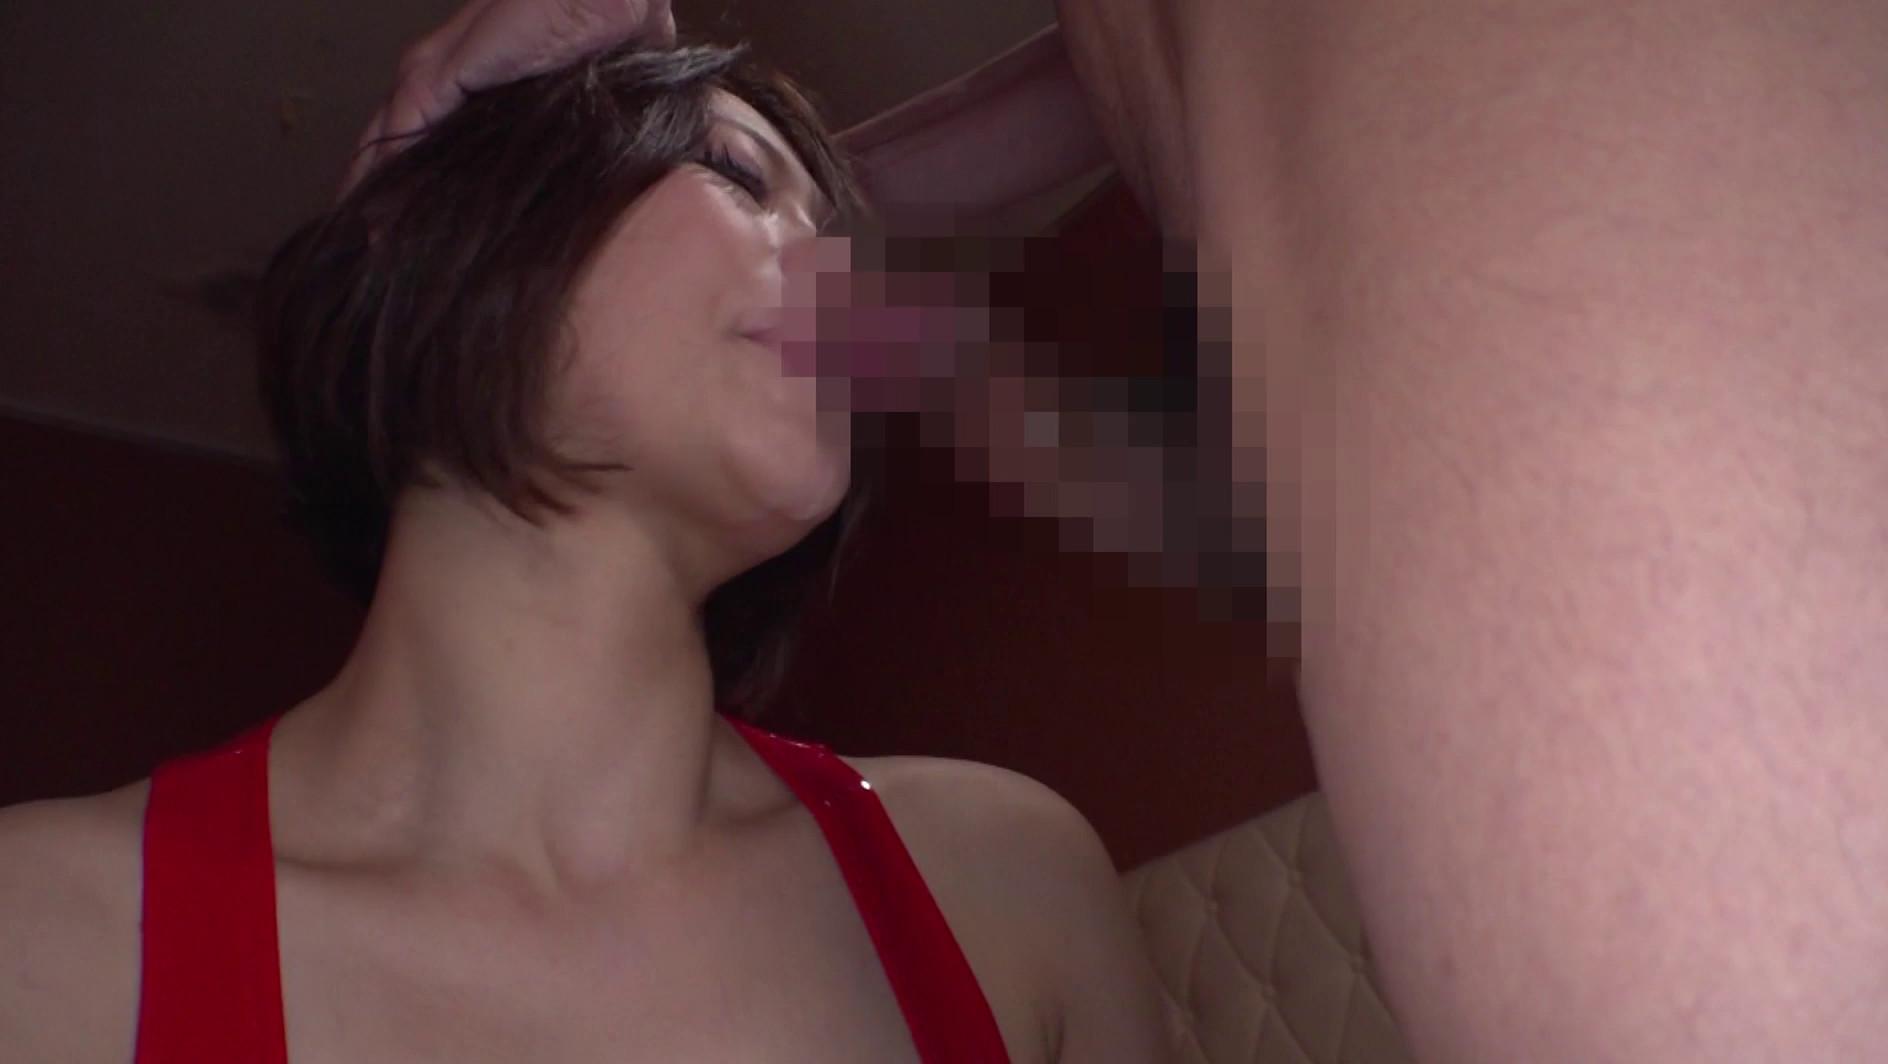 ド変態美女貸出します 性欲強すぎるベロキス魔 終電ギリまで生中出し種付け輪● ほのか 画像18